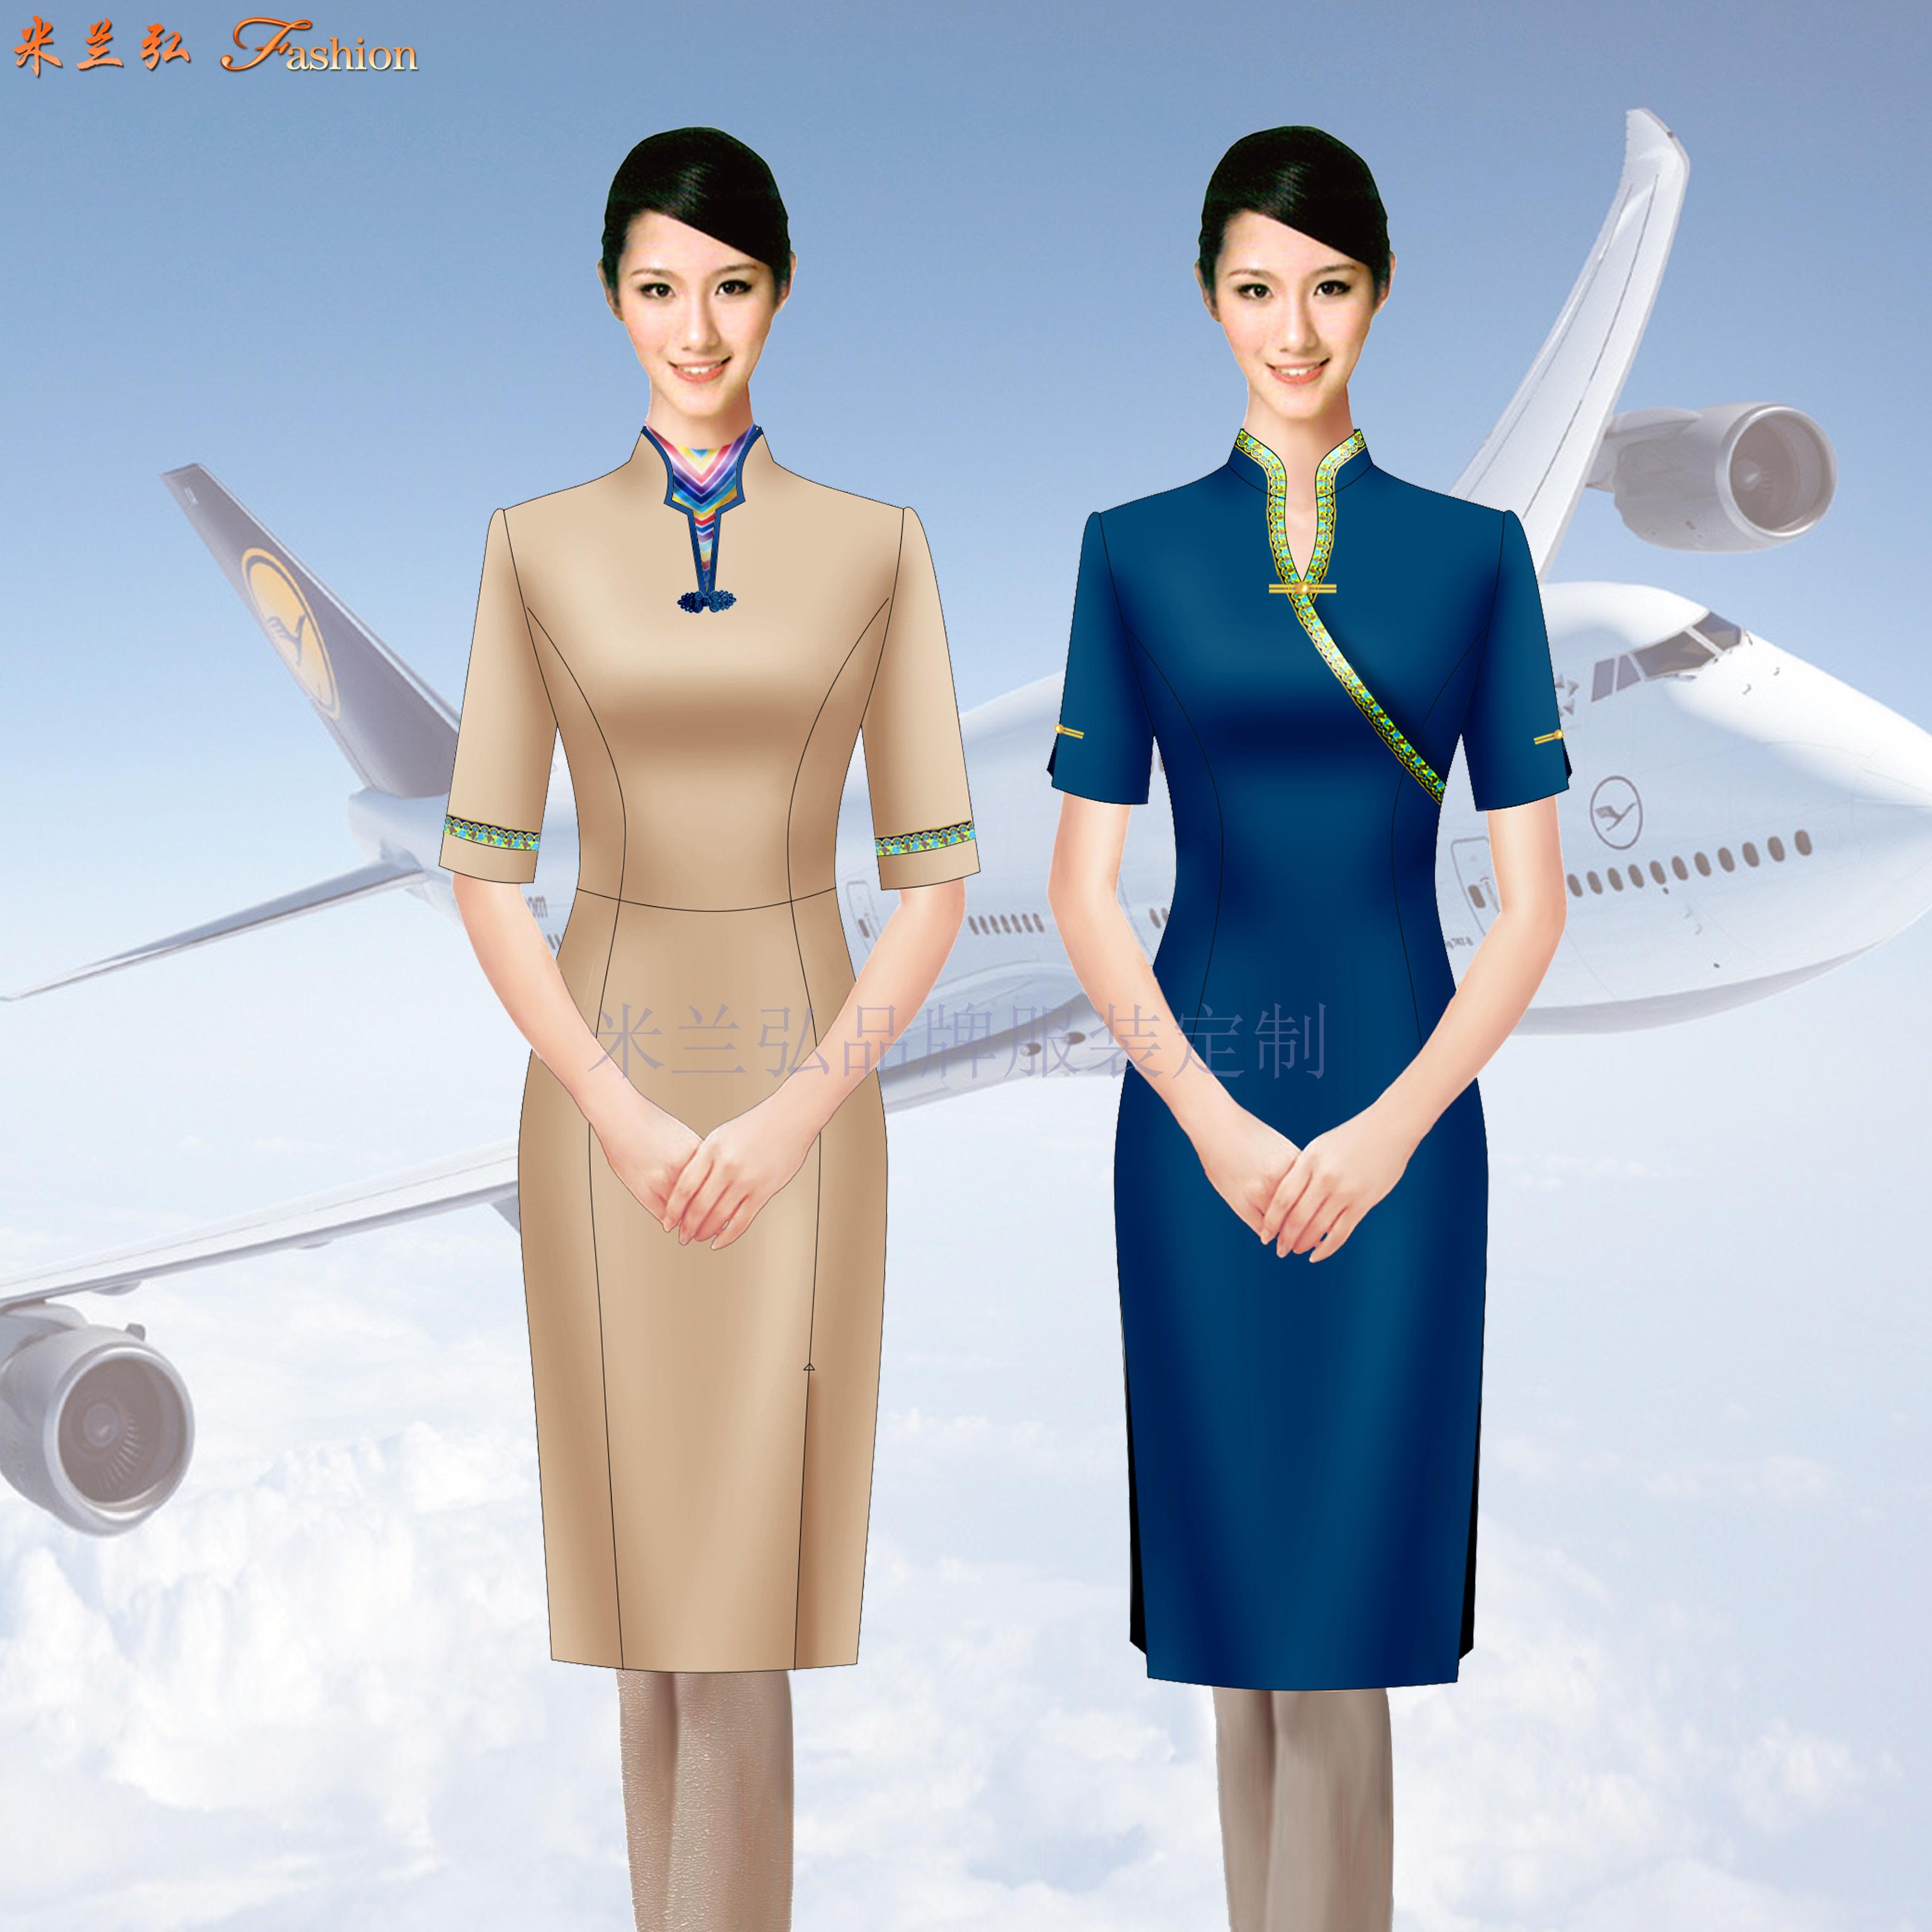 空姐連衣裙制服圖片|高鐵乘務員中式立領連衣裙定做-米蘭弘服裝-3